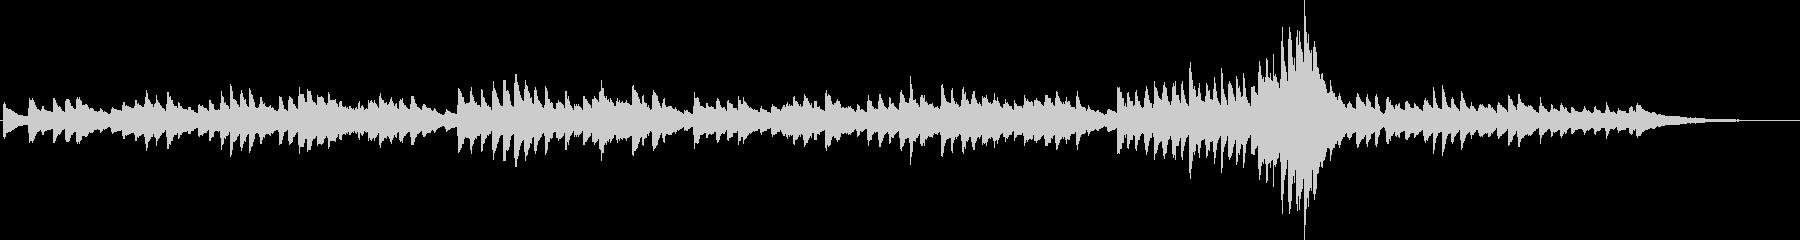 ショパン 別れの曲 ピアノの未再生の波形